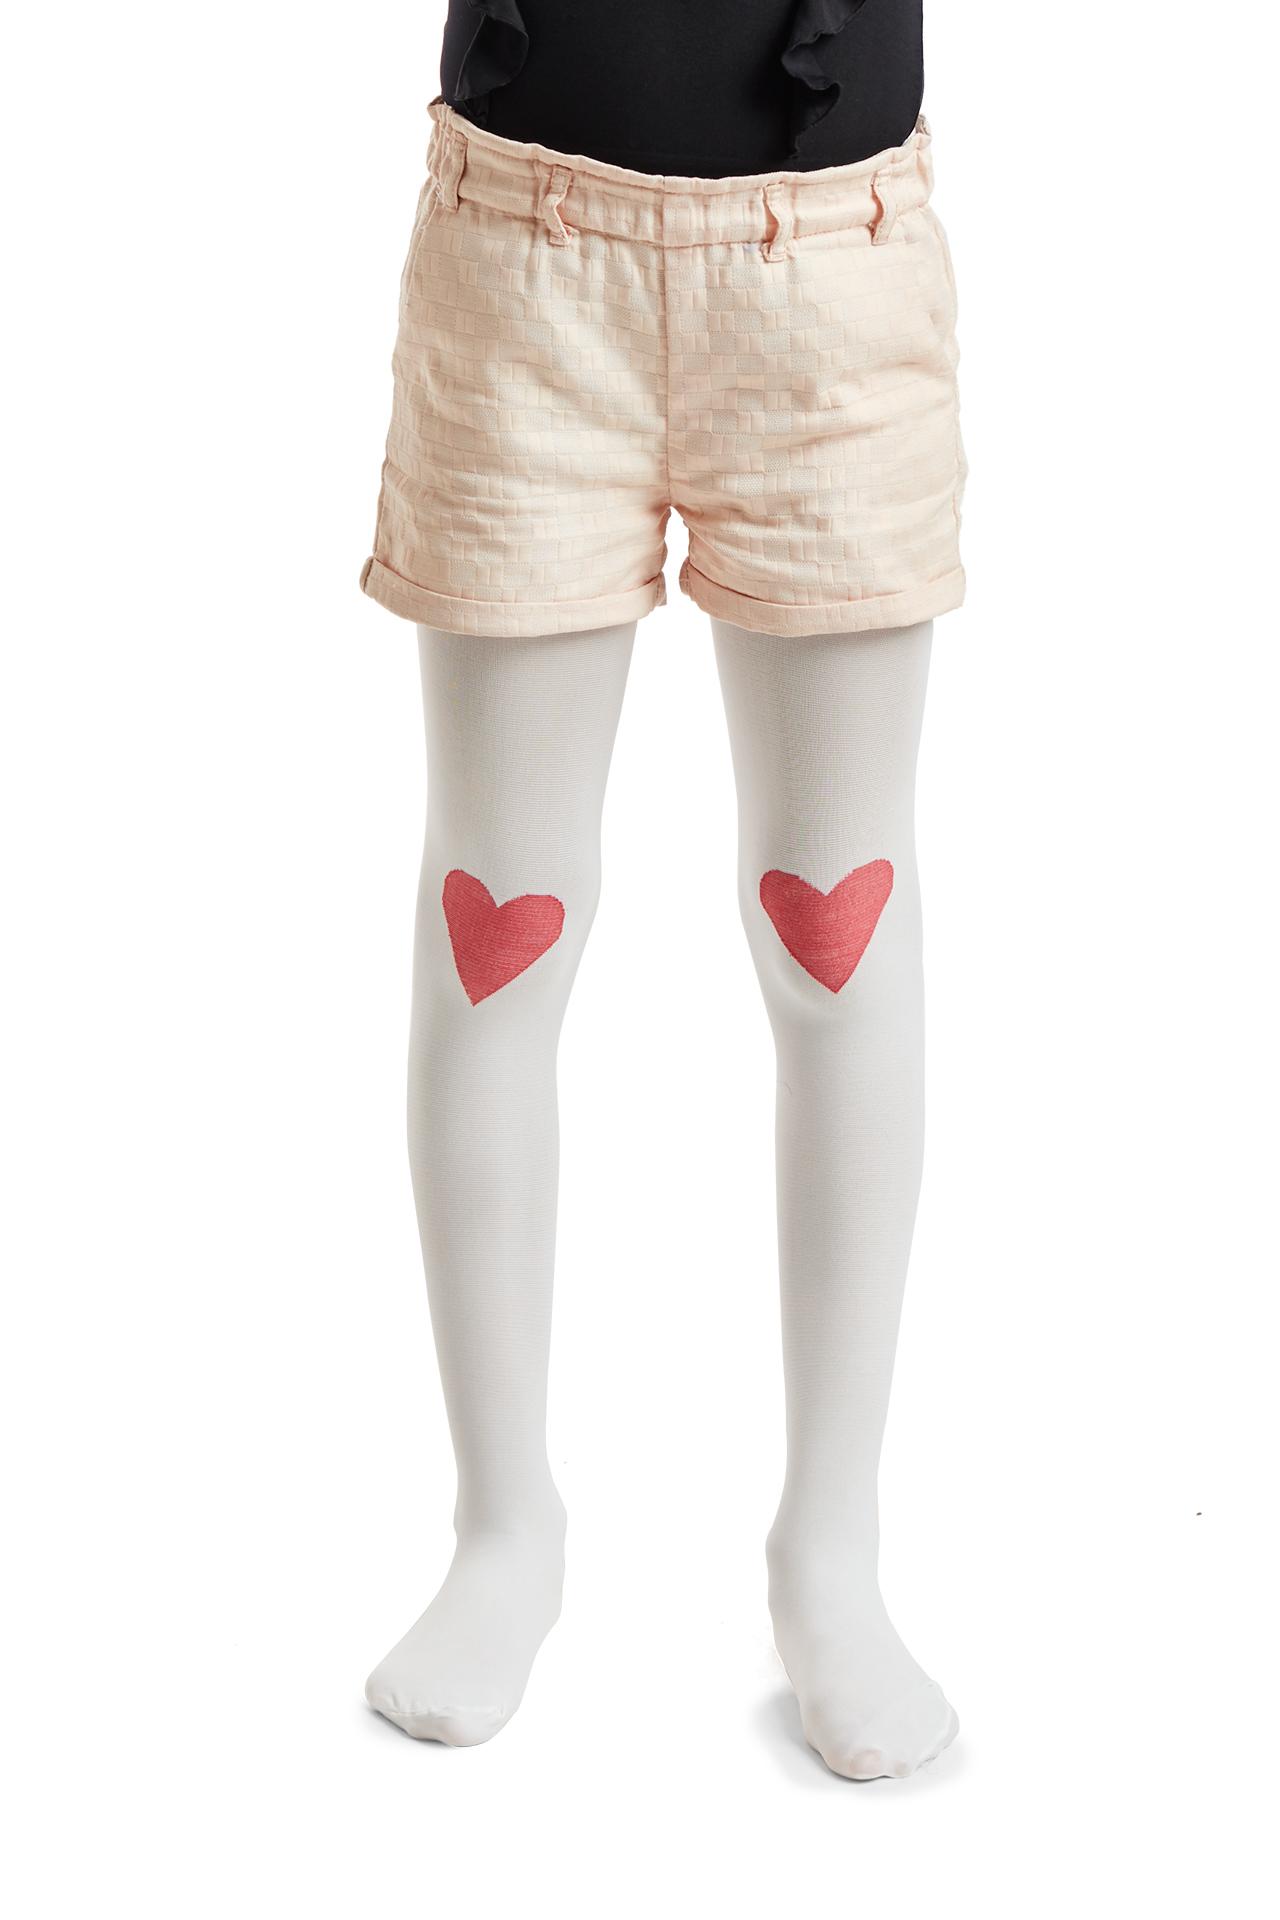 Textura lisa, corazon bicolor, panty media